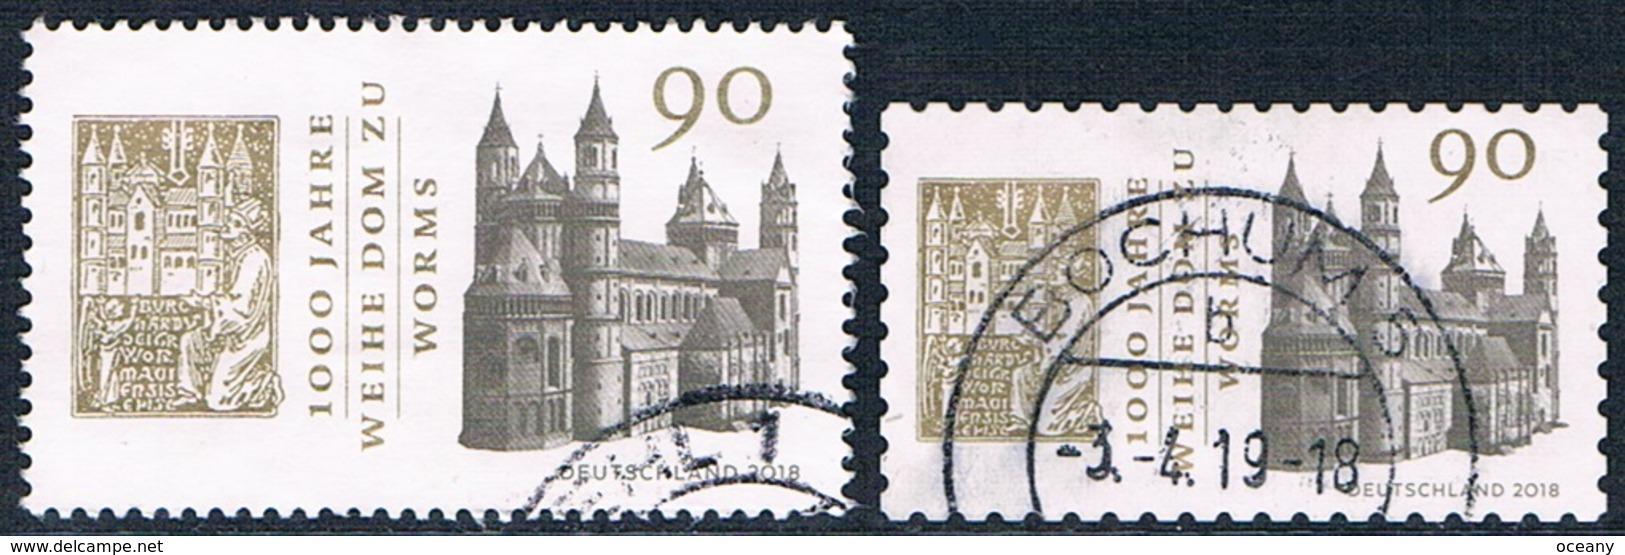 Allemagne Fédérale - Centenaire De La Cathédrale Saint-Pierre De Worms 3174/3175 (année 2018) Oblit. - Oblitérés